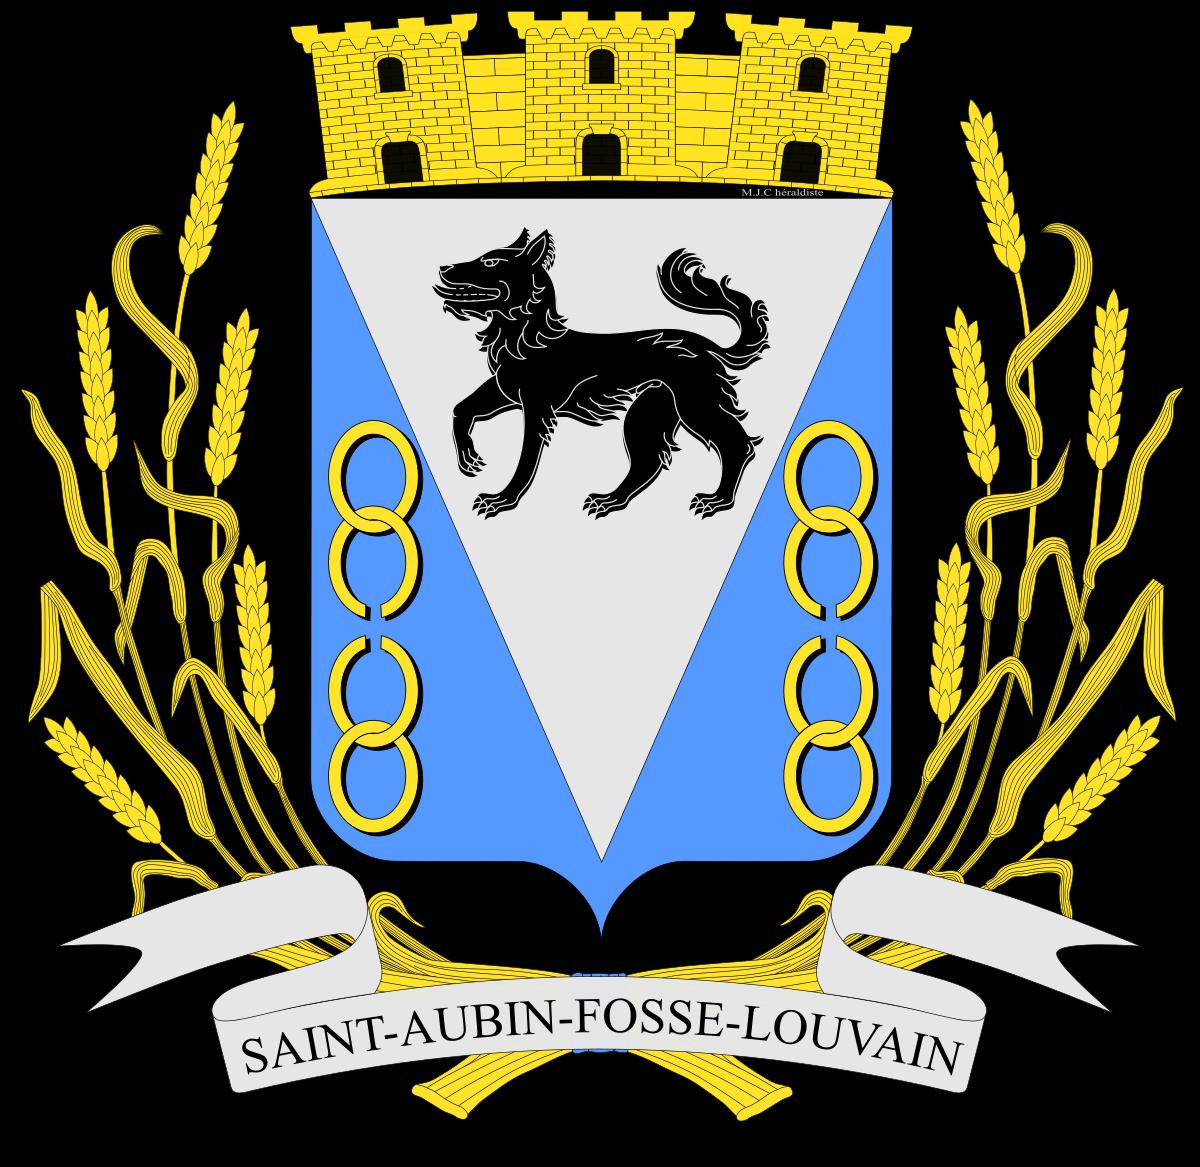 Mairie de St Aubin Fosse Louvain